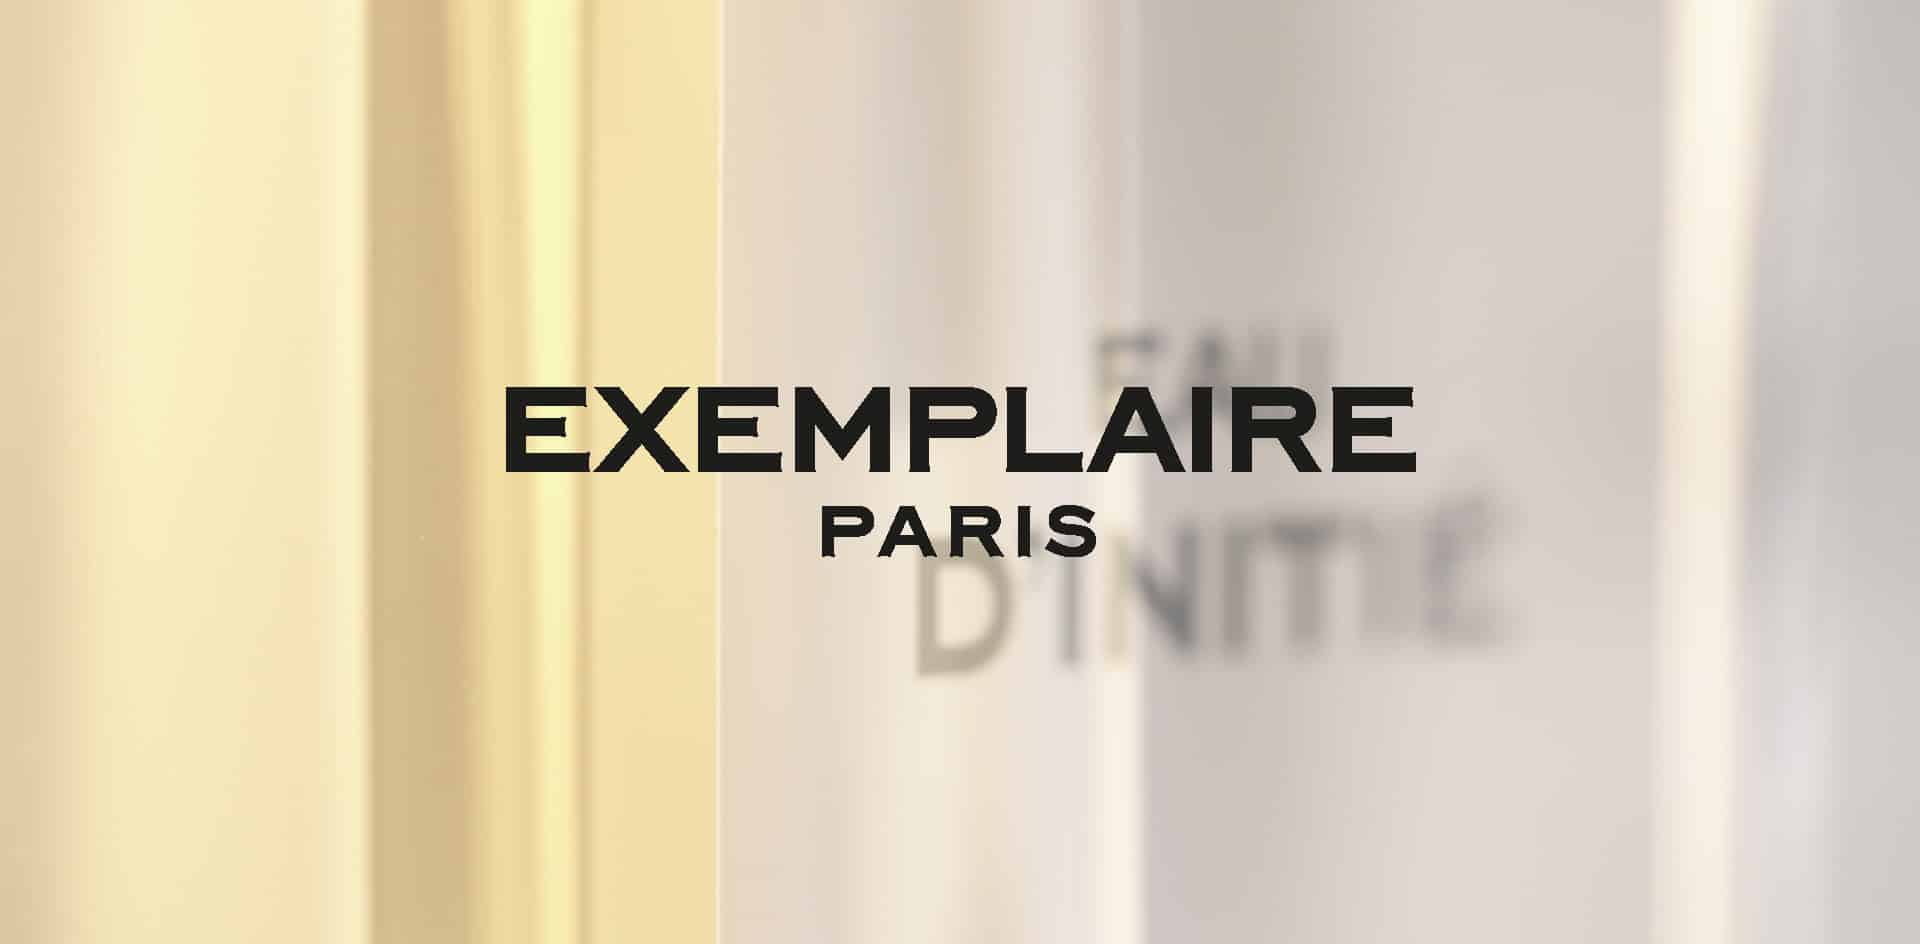 exemplaire-paris-parfum